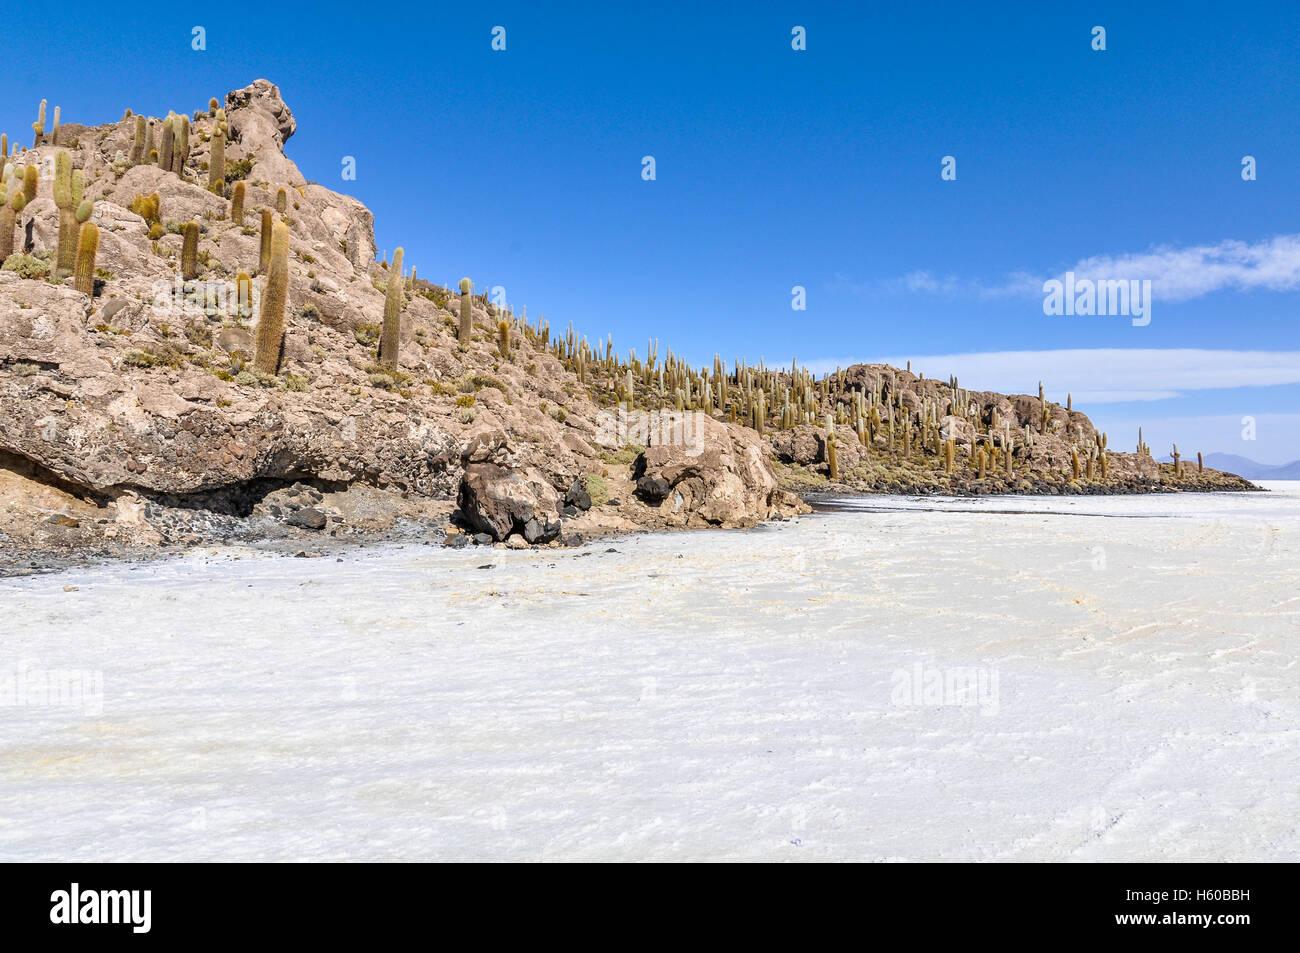 Grupo de cactus en la Isla del Pescado en el Salar de Uyuni, el salar más grande en el mundo, Bolivia Imagen De Stock